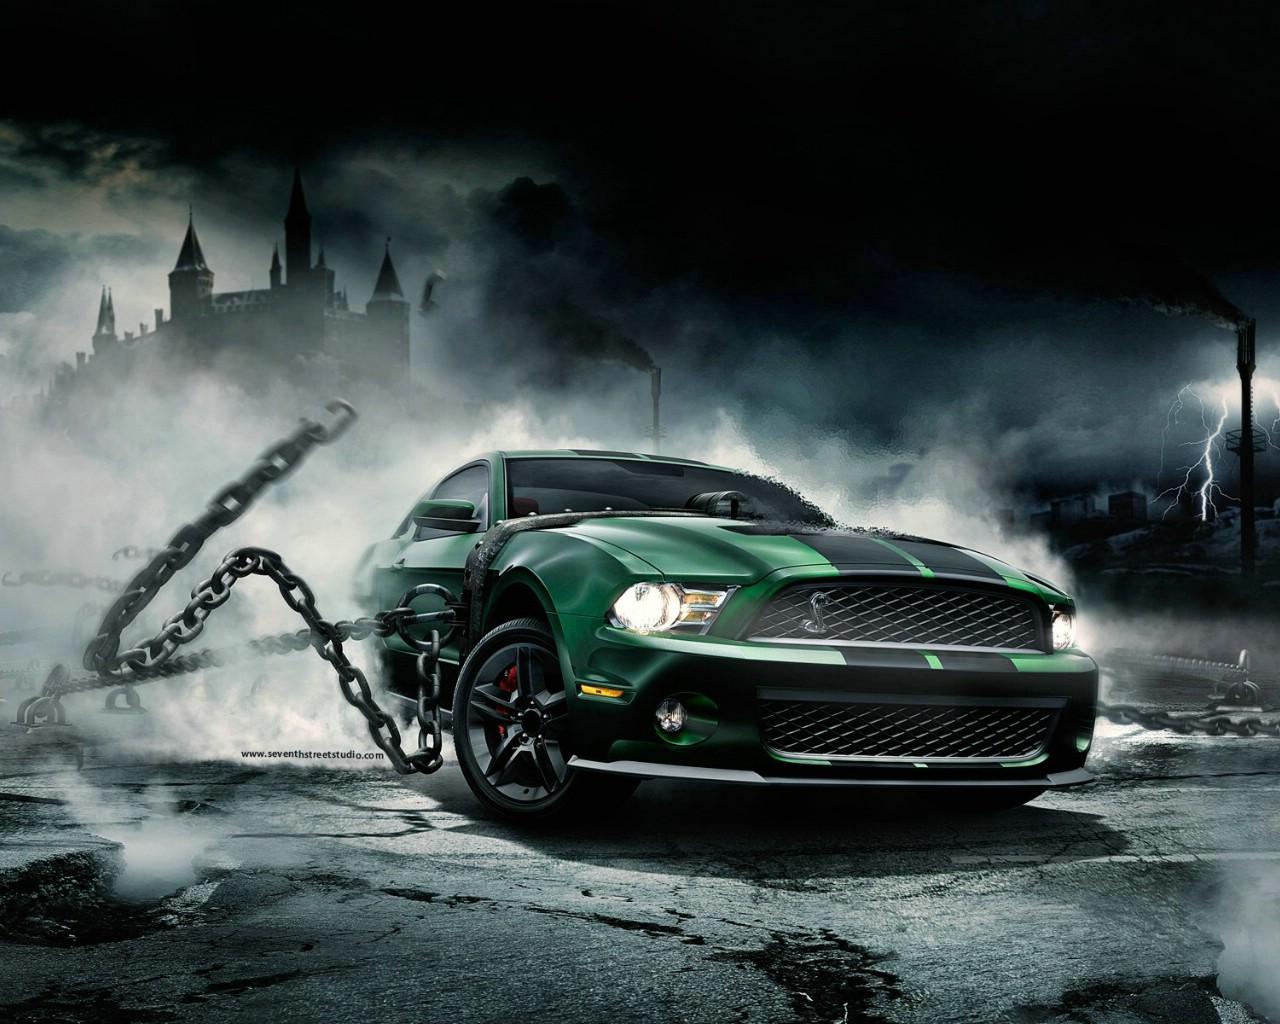 1024流行设计元素 汽车 疯狂福特野马跑车 创意设计壁纸壁纸,高清图片